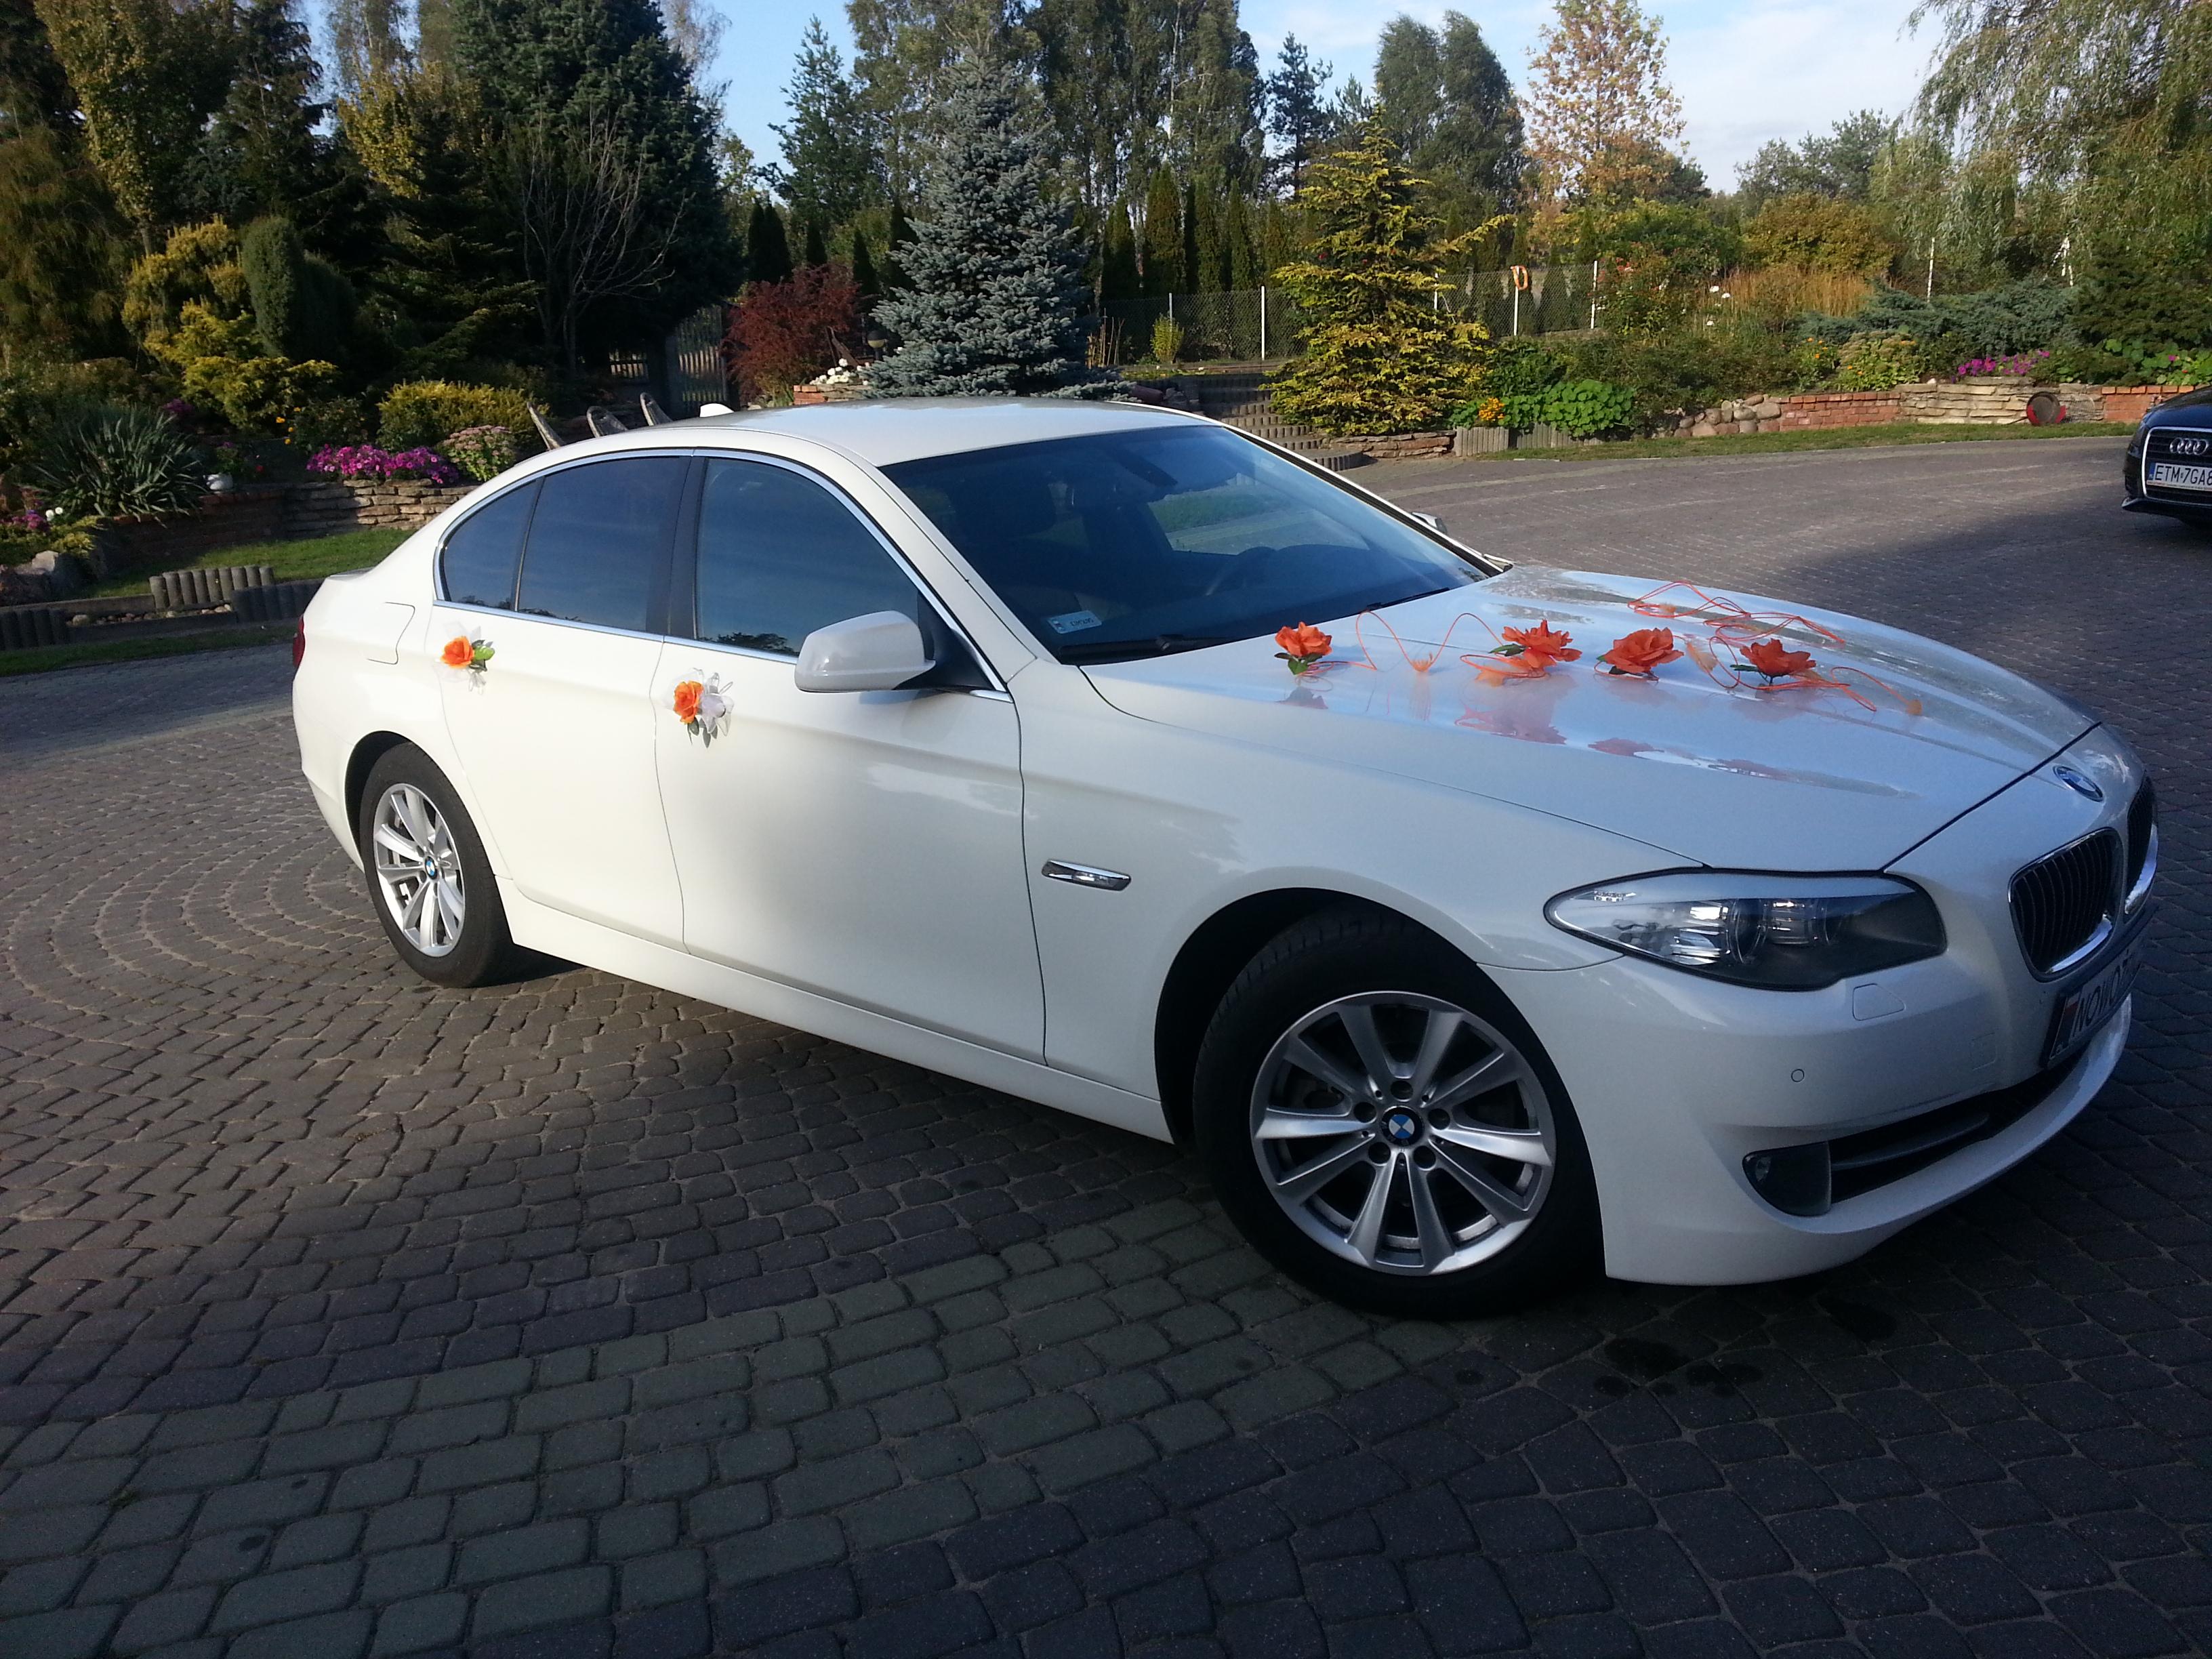 Białe Bmw 5 F10 Auto Do ślubu ł 243 Dż